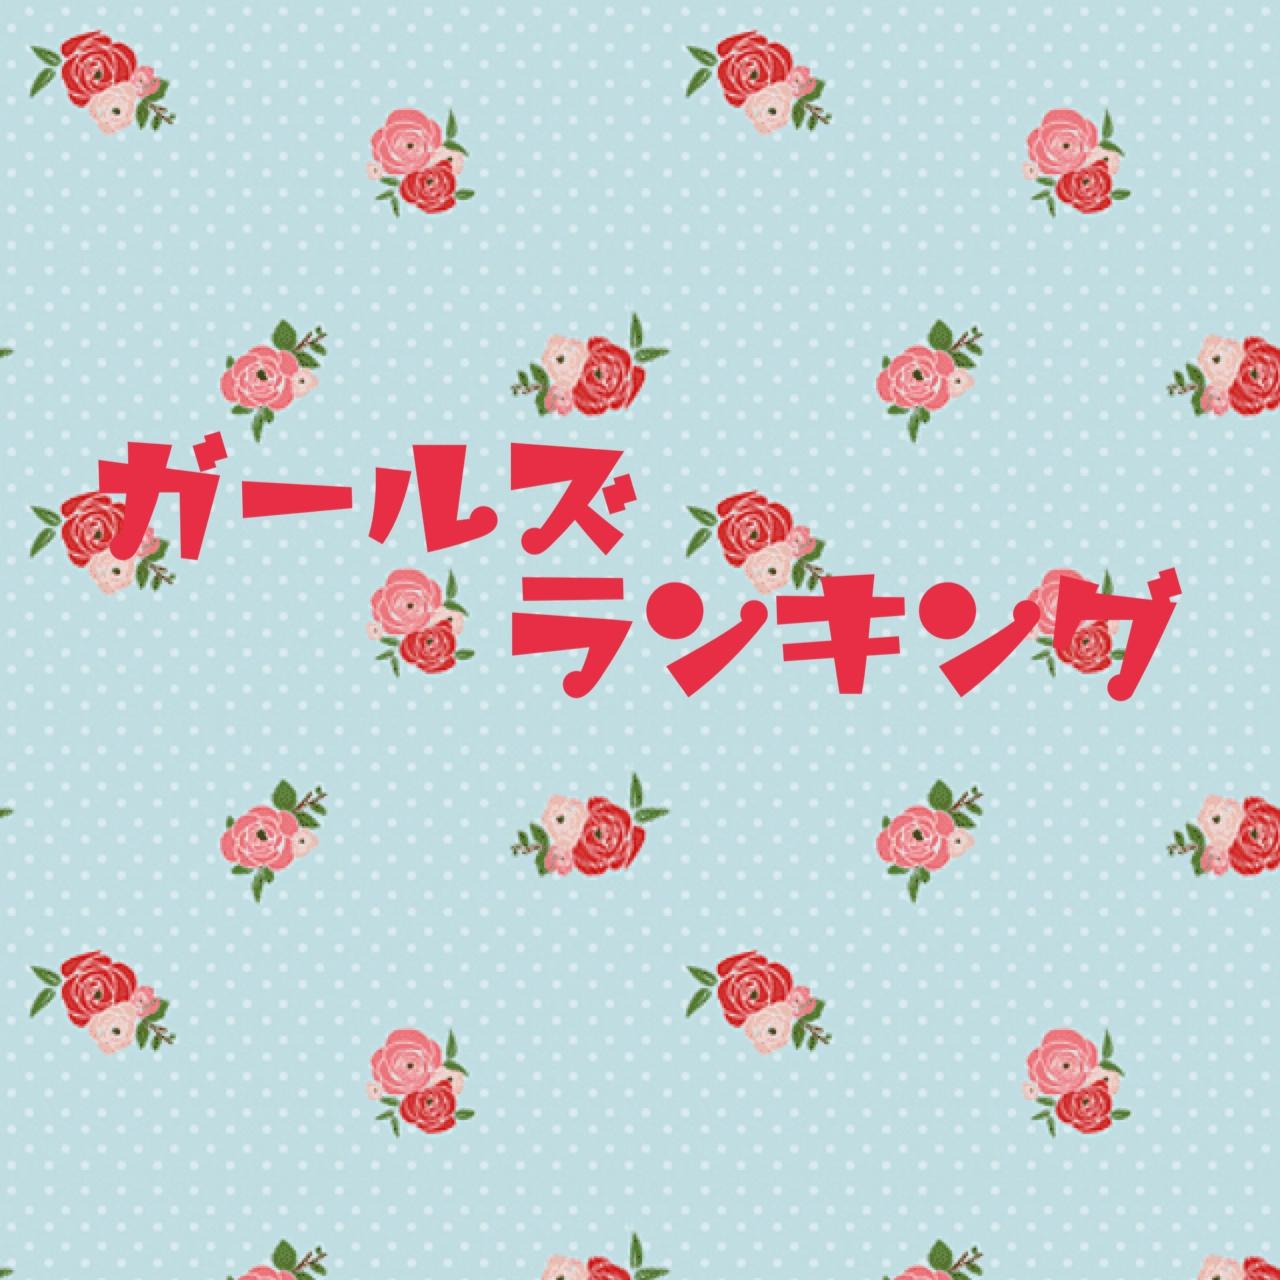 【劇場】2月27日18:00〜ガールズランキング